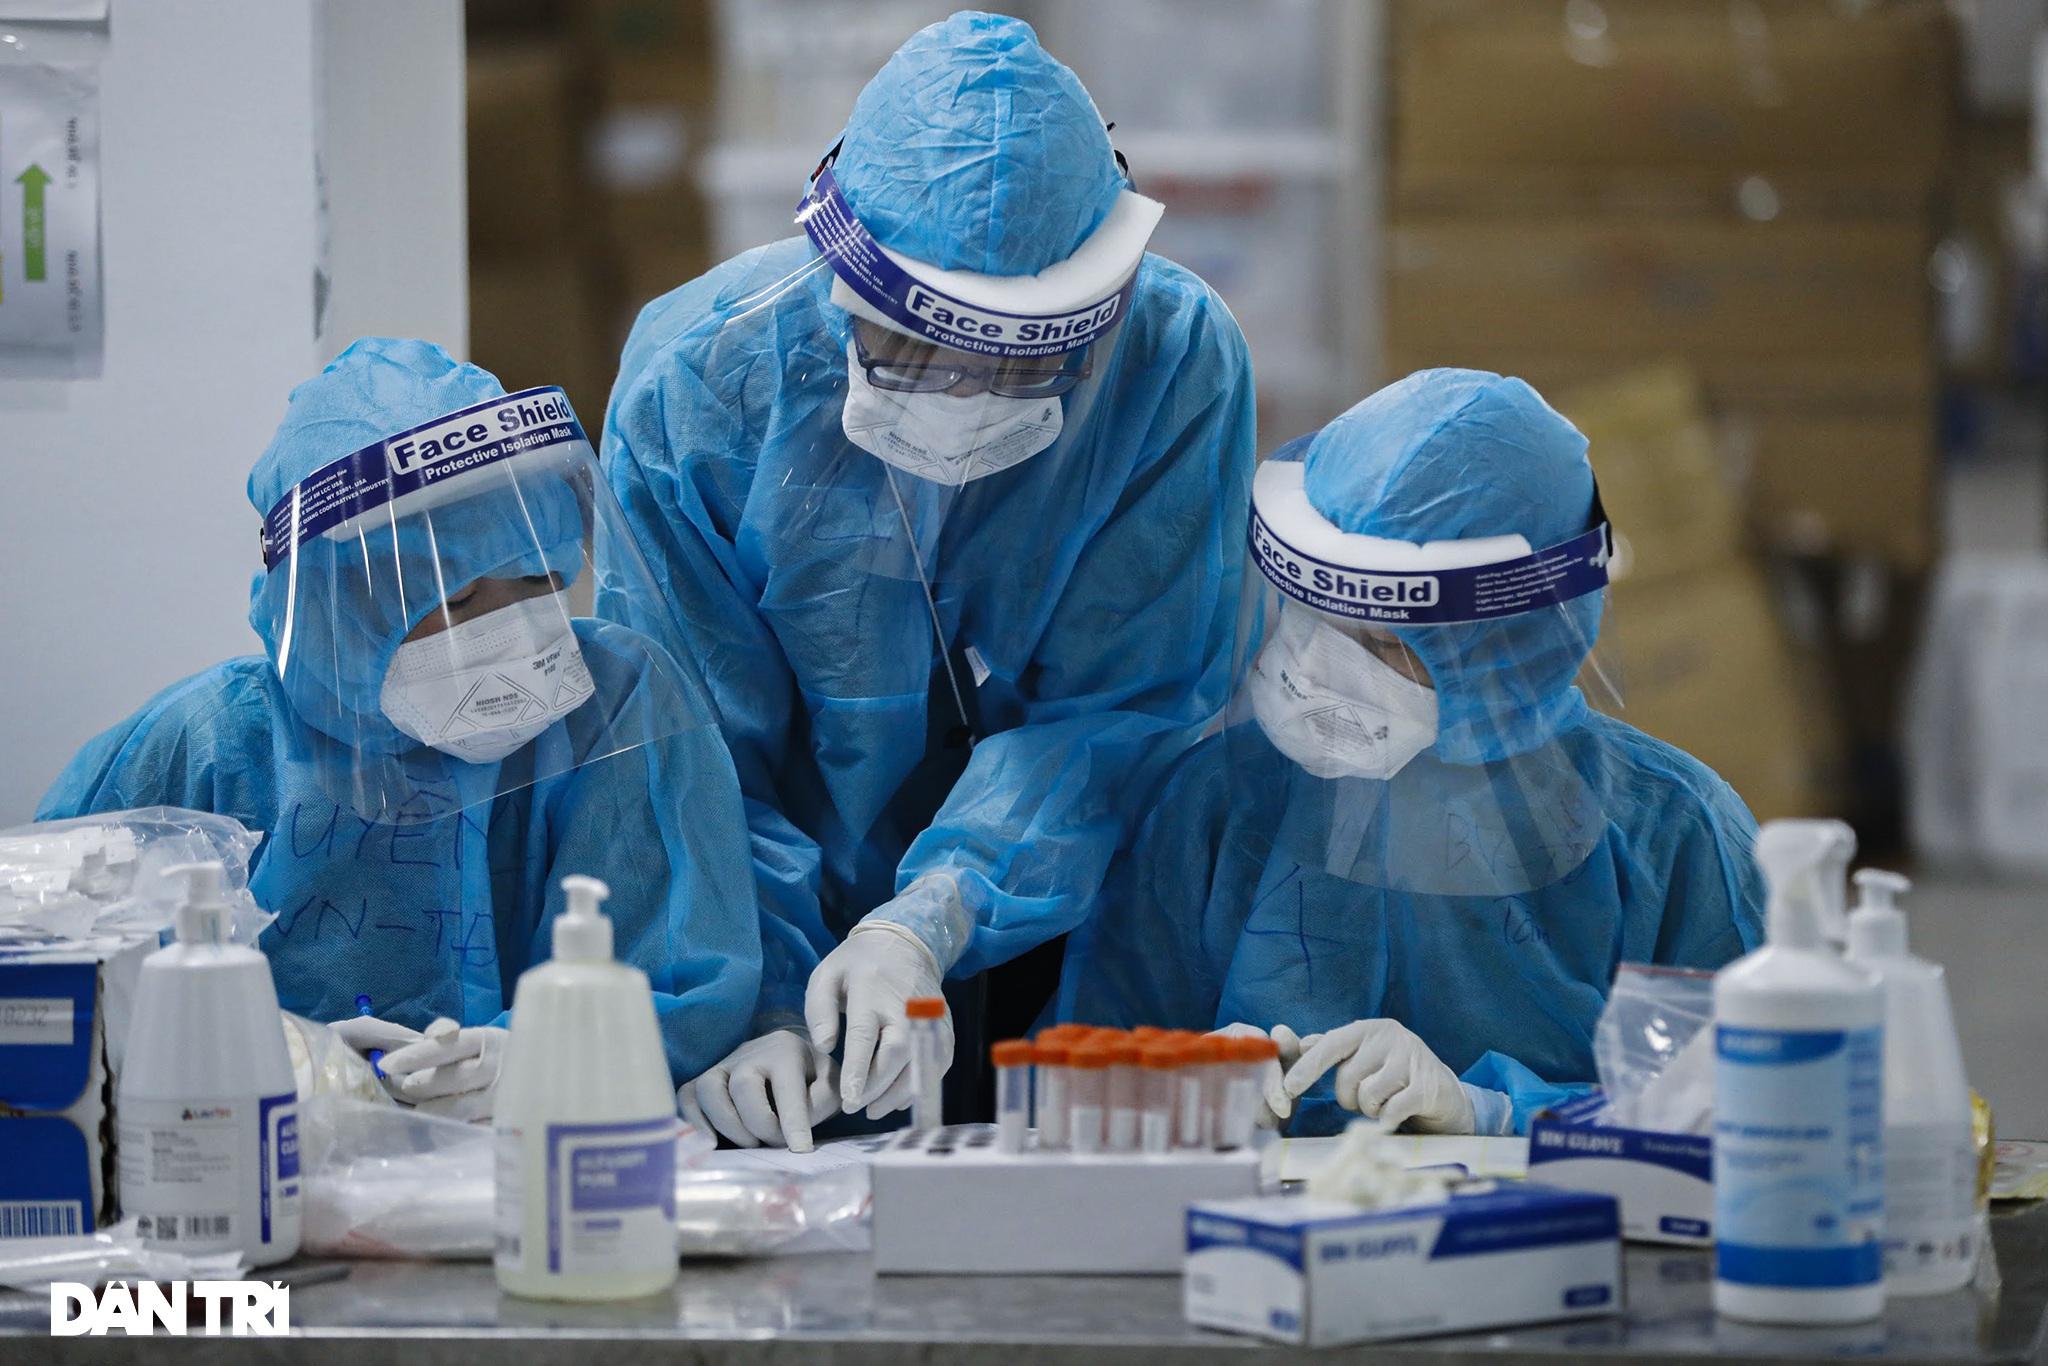 Chính phủ duyệt thêm 5.100 tỷ đồng mua thuốc, vật tư phòng chống Covid-19